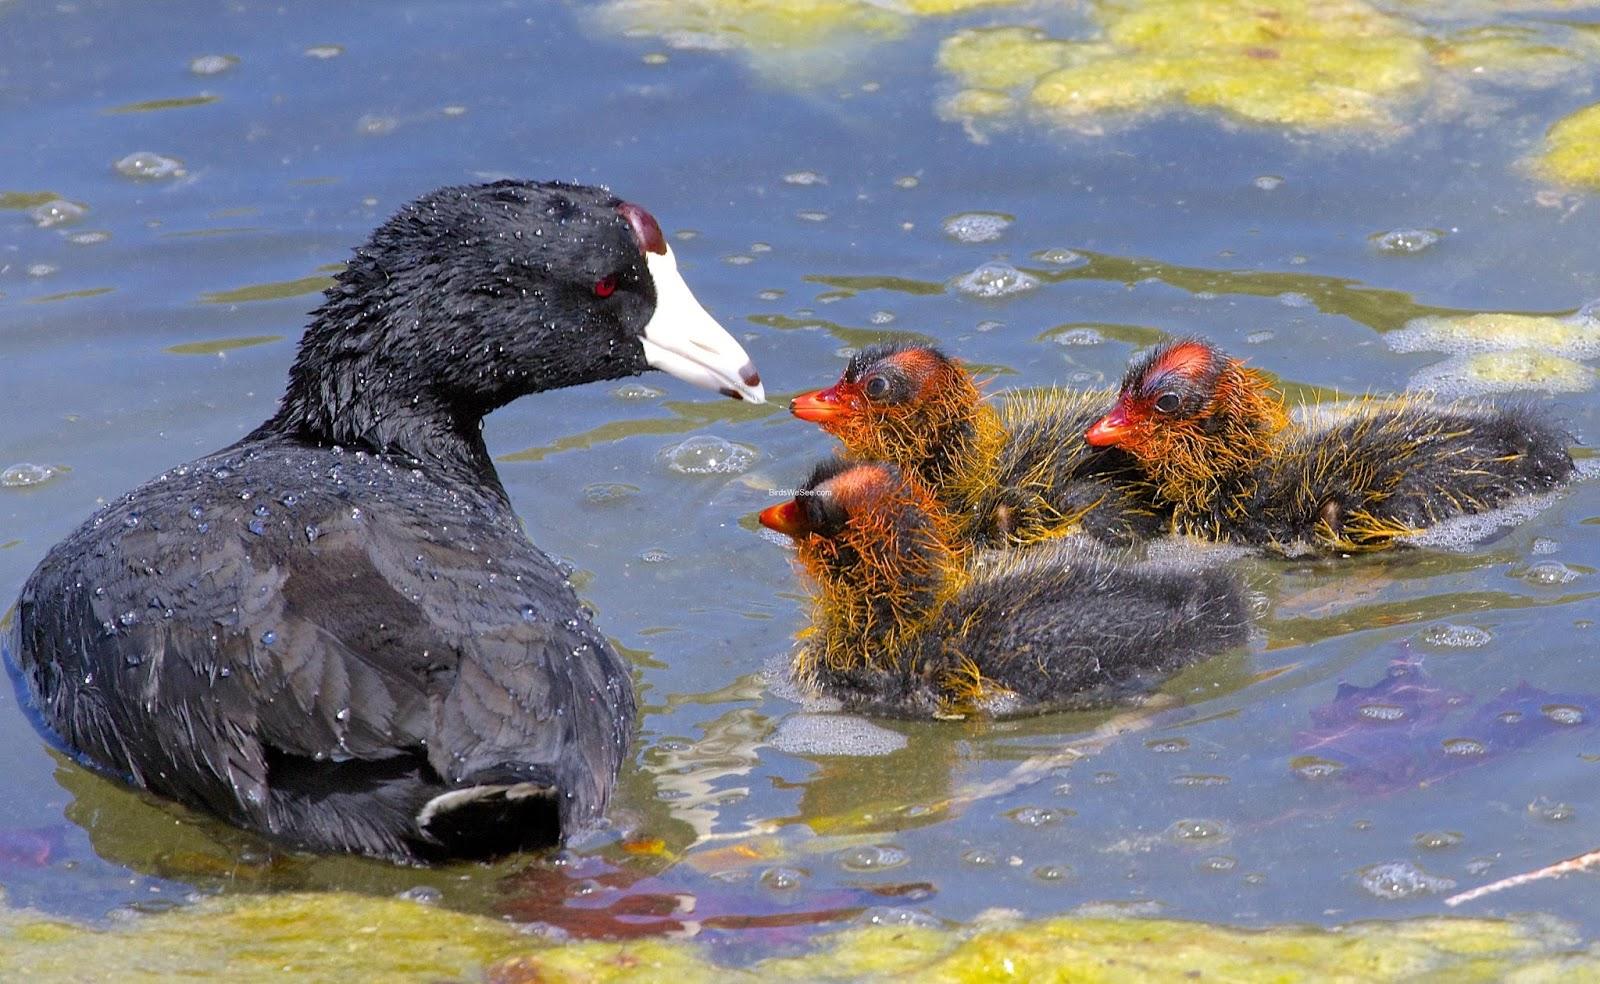 Chim sâm cầm sinh sản